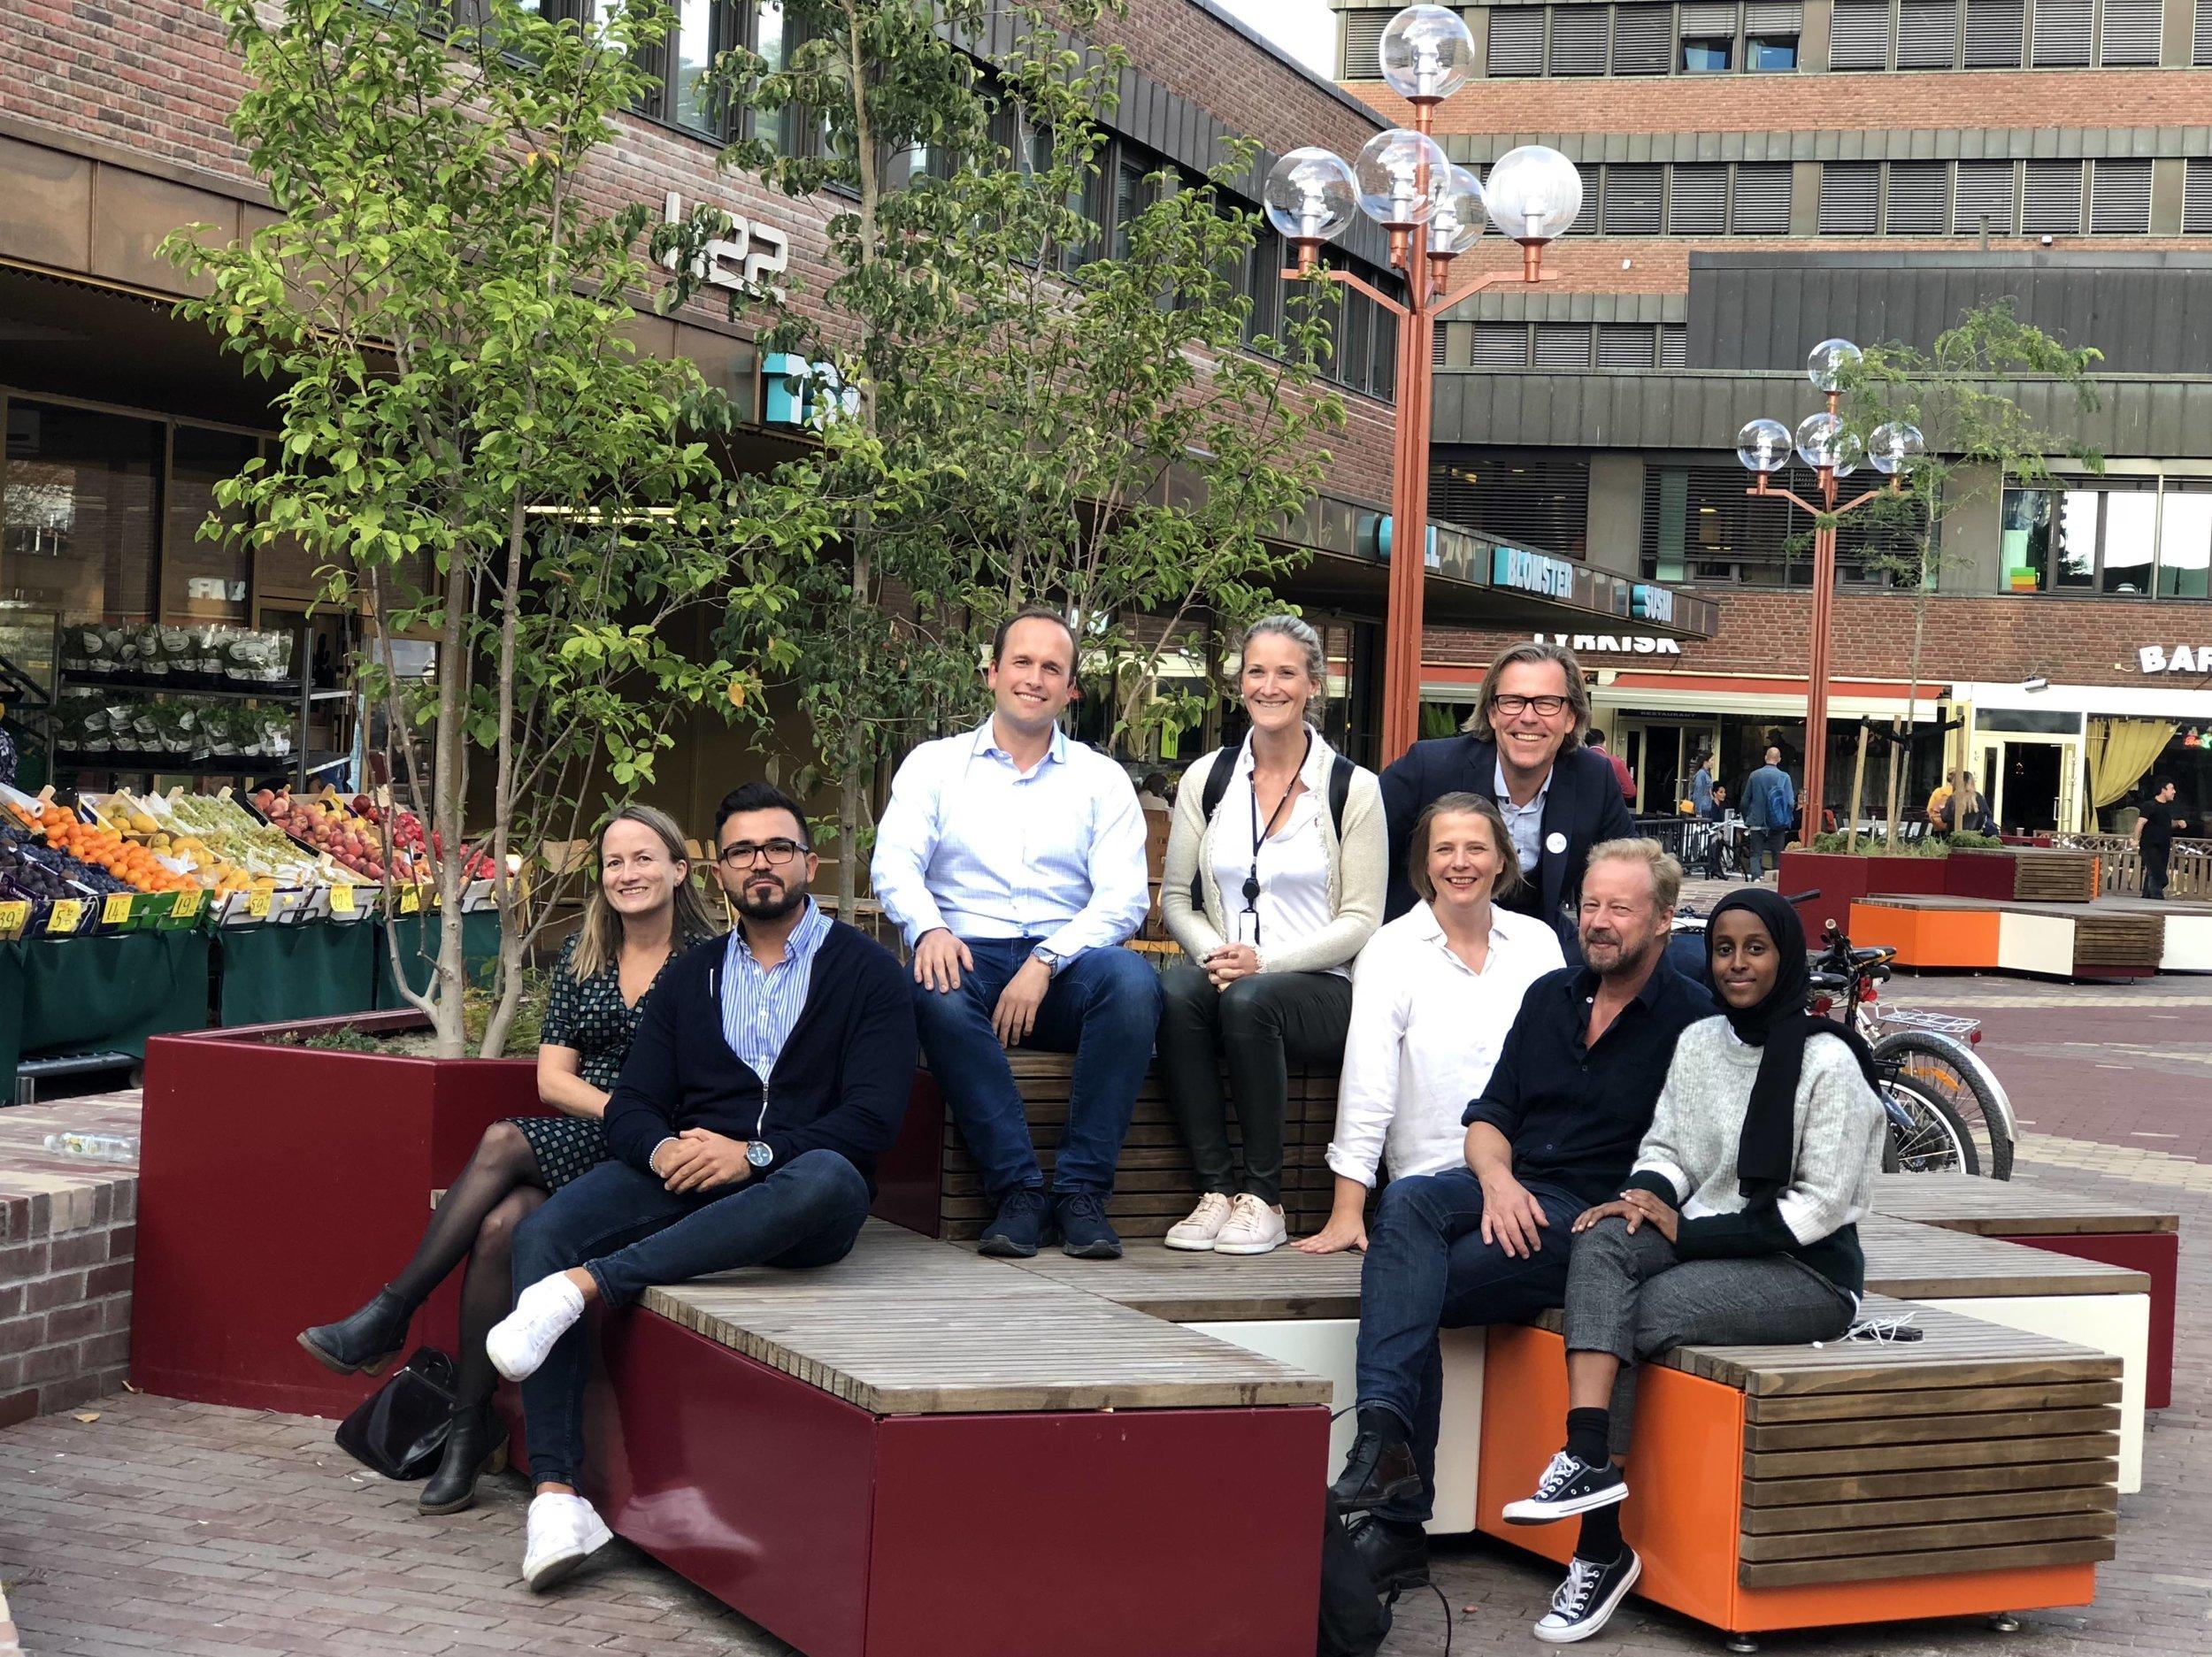 Det stiftende styret samlet på torget. Fra venstre: Kjersti Grut (Områdeløftet), Omid Kamizi (Tøyen Blomster), Morten Rye Pedersen (Hagegata 27 og konstituert styreleder), Tine Rustberggard Bjørn (Entra), Vigdis Tvedt (Bydel Gamle Oslo), Øystein Aurlien (ansvarlig for prosjektet), Reinert Mithassel (Deichman) og Ruwayda Mohamud (beboerrepresentant). En av de andre beboerrepresentantøne, Janic Heen, fikk ikke vært tilstede under fotograferingen. Foto: Shenel Shonol